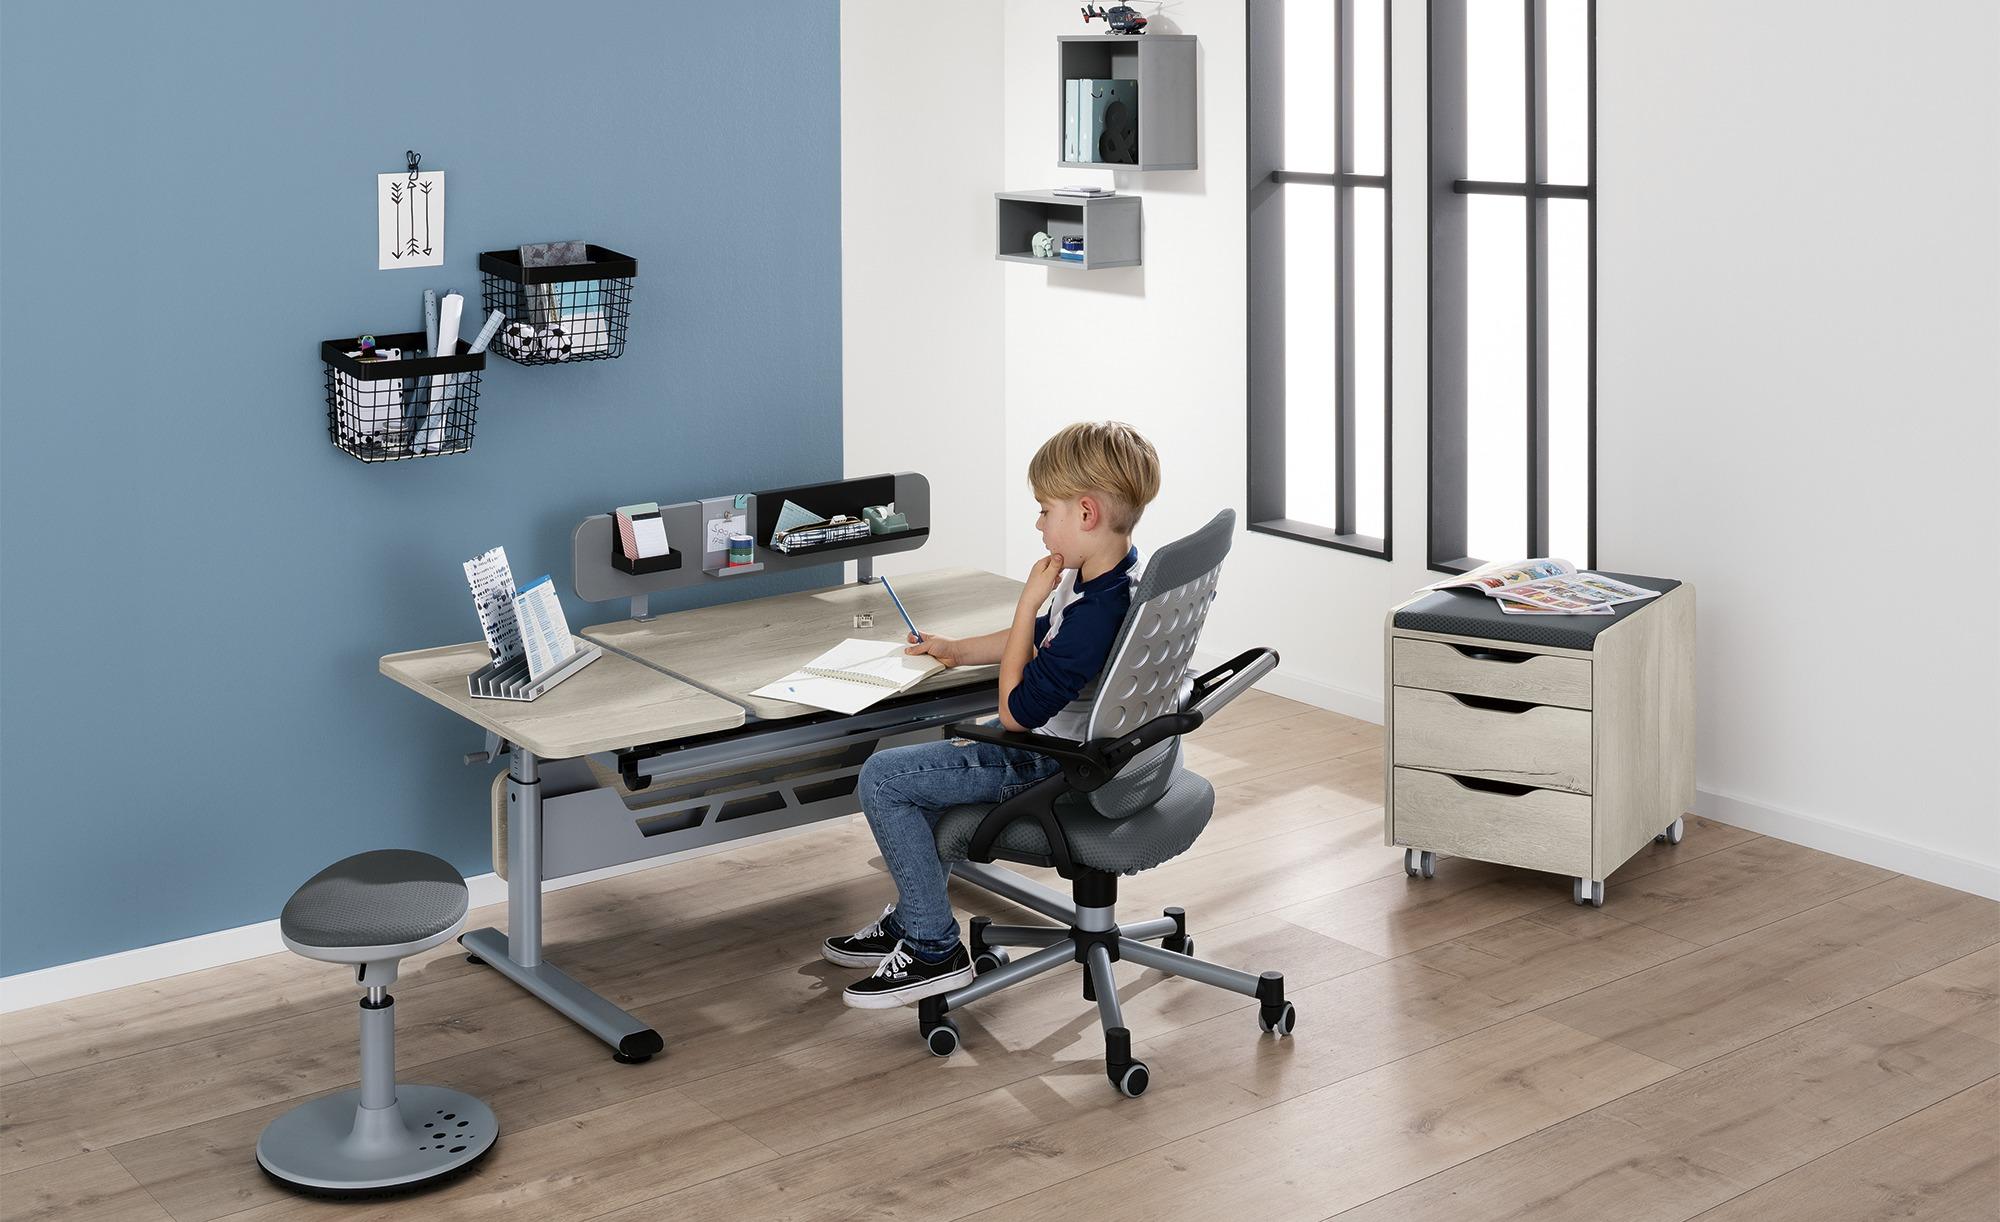 PAIDI Schülerschreibtisch  Diego GT - holzfarben - 130 cm - 53 cm - 70 cm - Tische > Bürotische - Möbel Kraft | Büro > Bürotische > Schreibtische | PAIDI